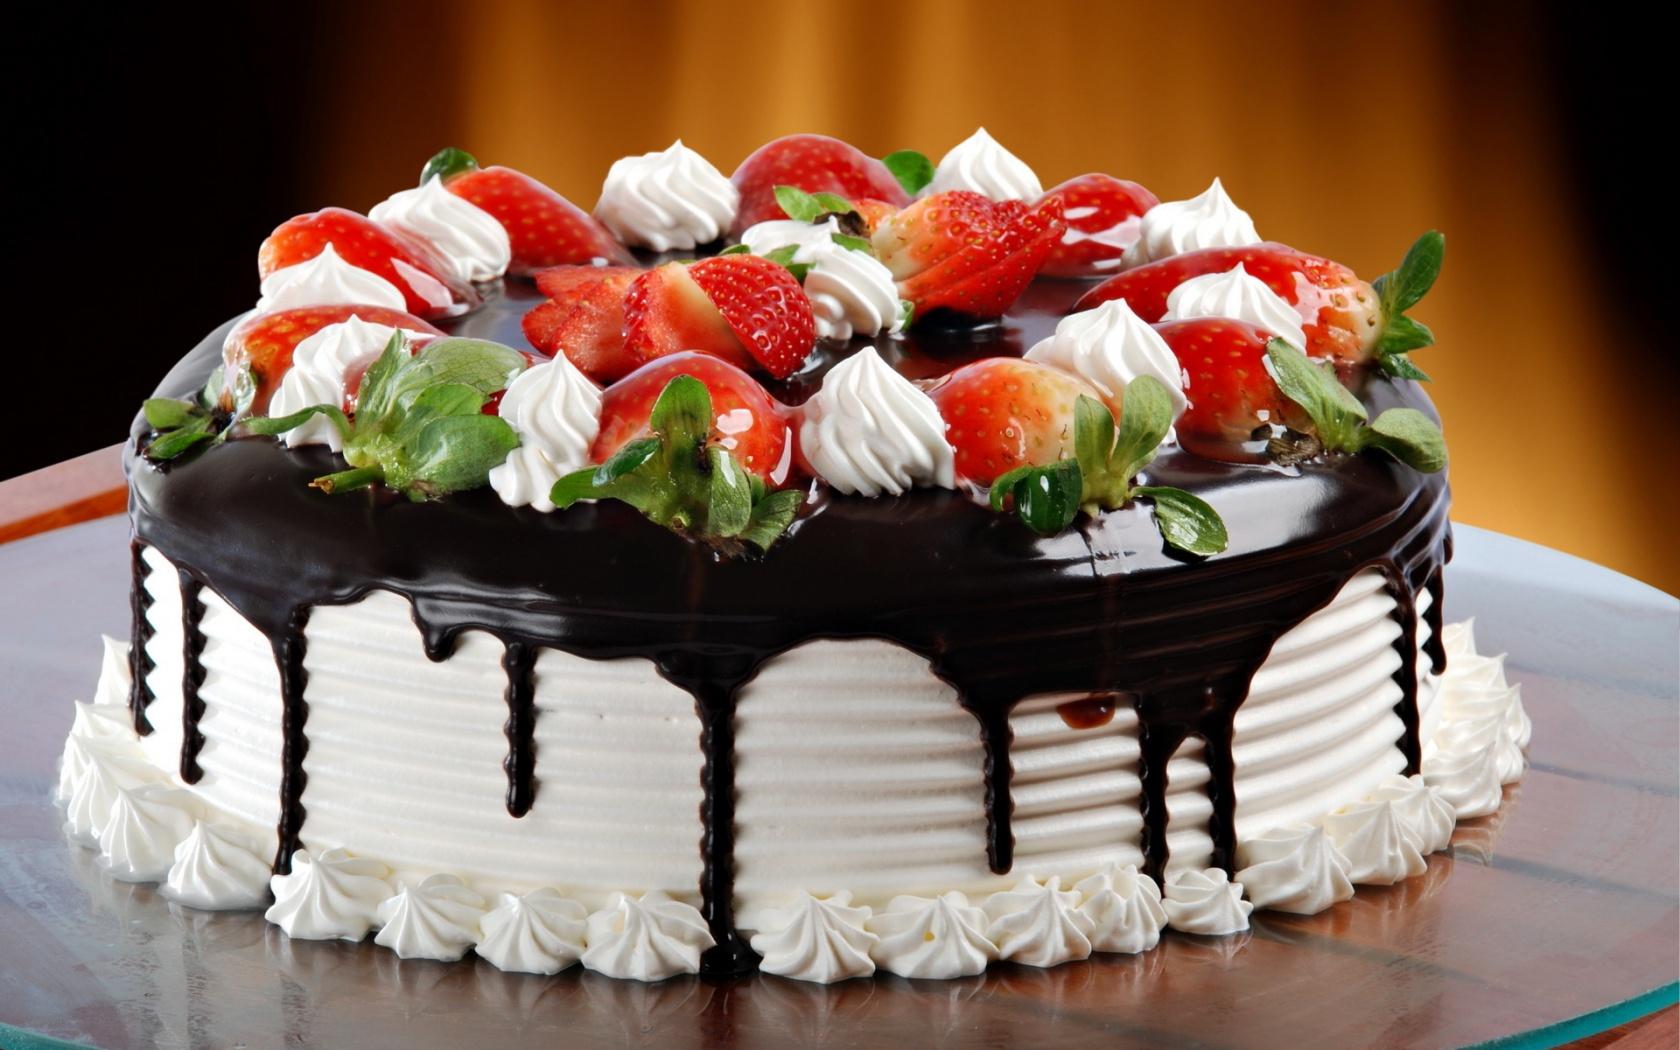 Una torta de fresas - 1680x1050